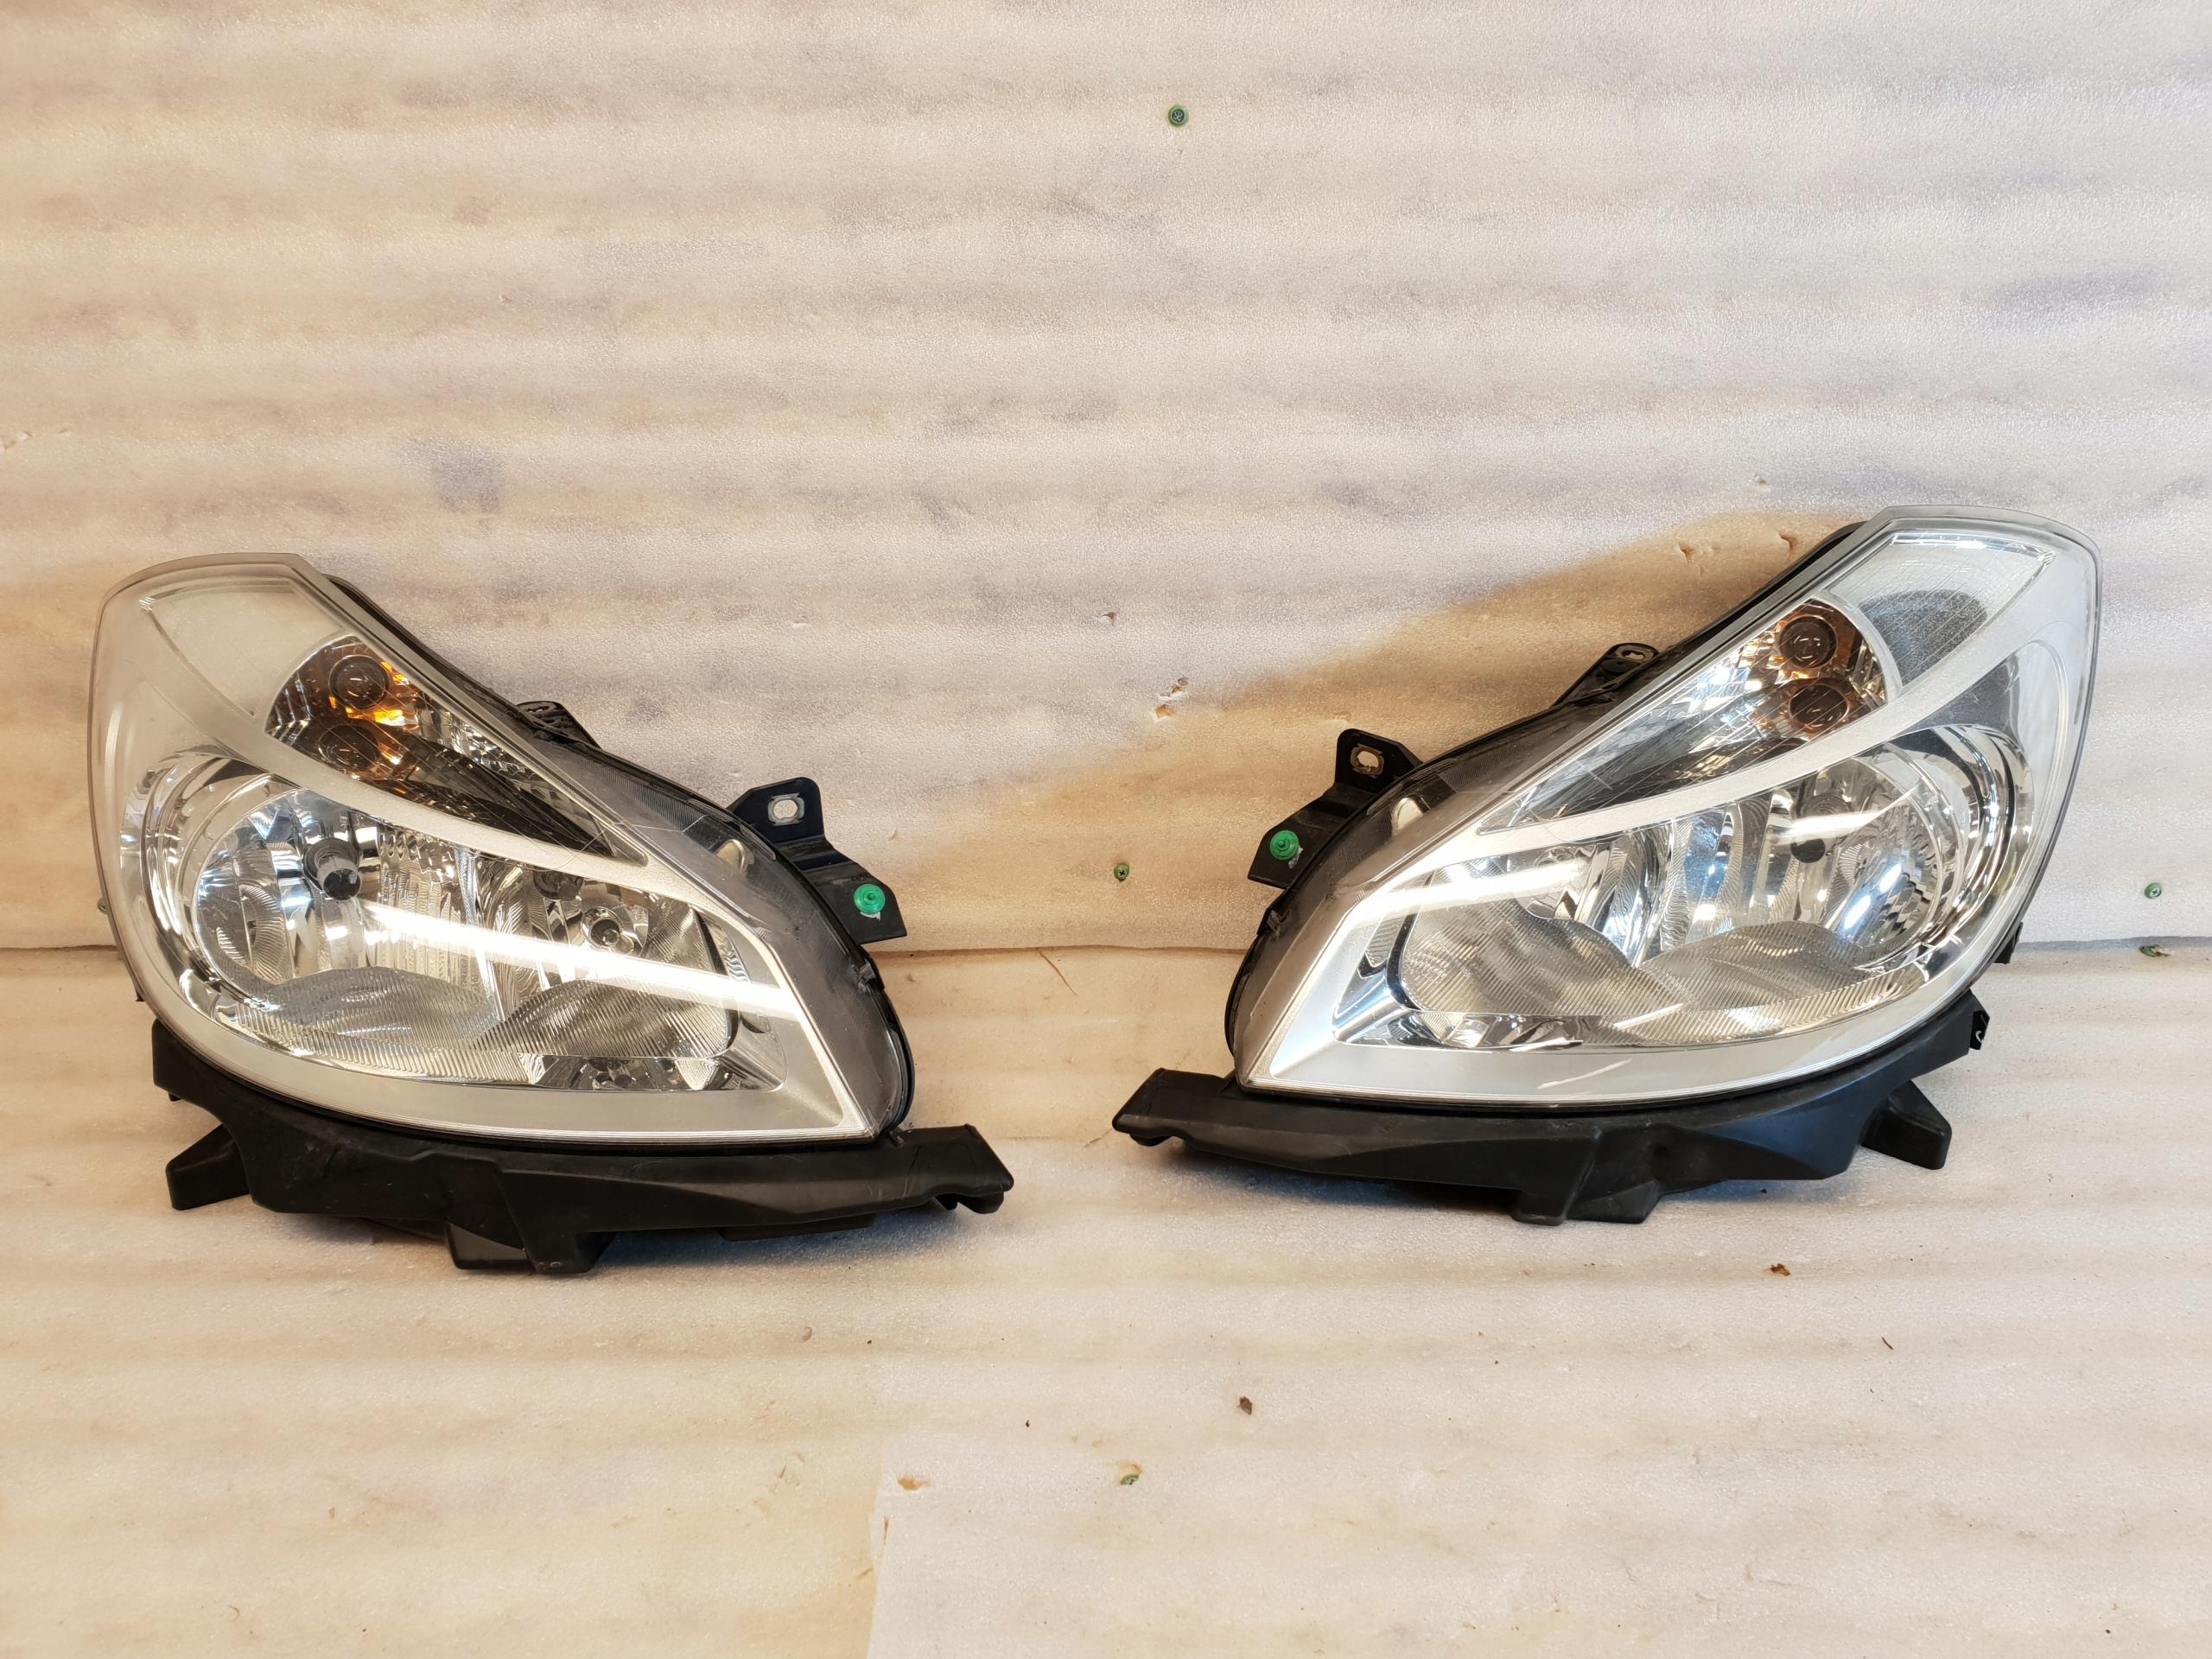 Lampy Renault Clio Iii Eu Demontaż 7548419139 Oficjalne